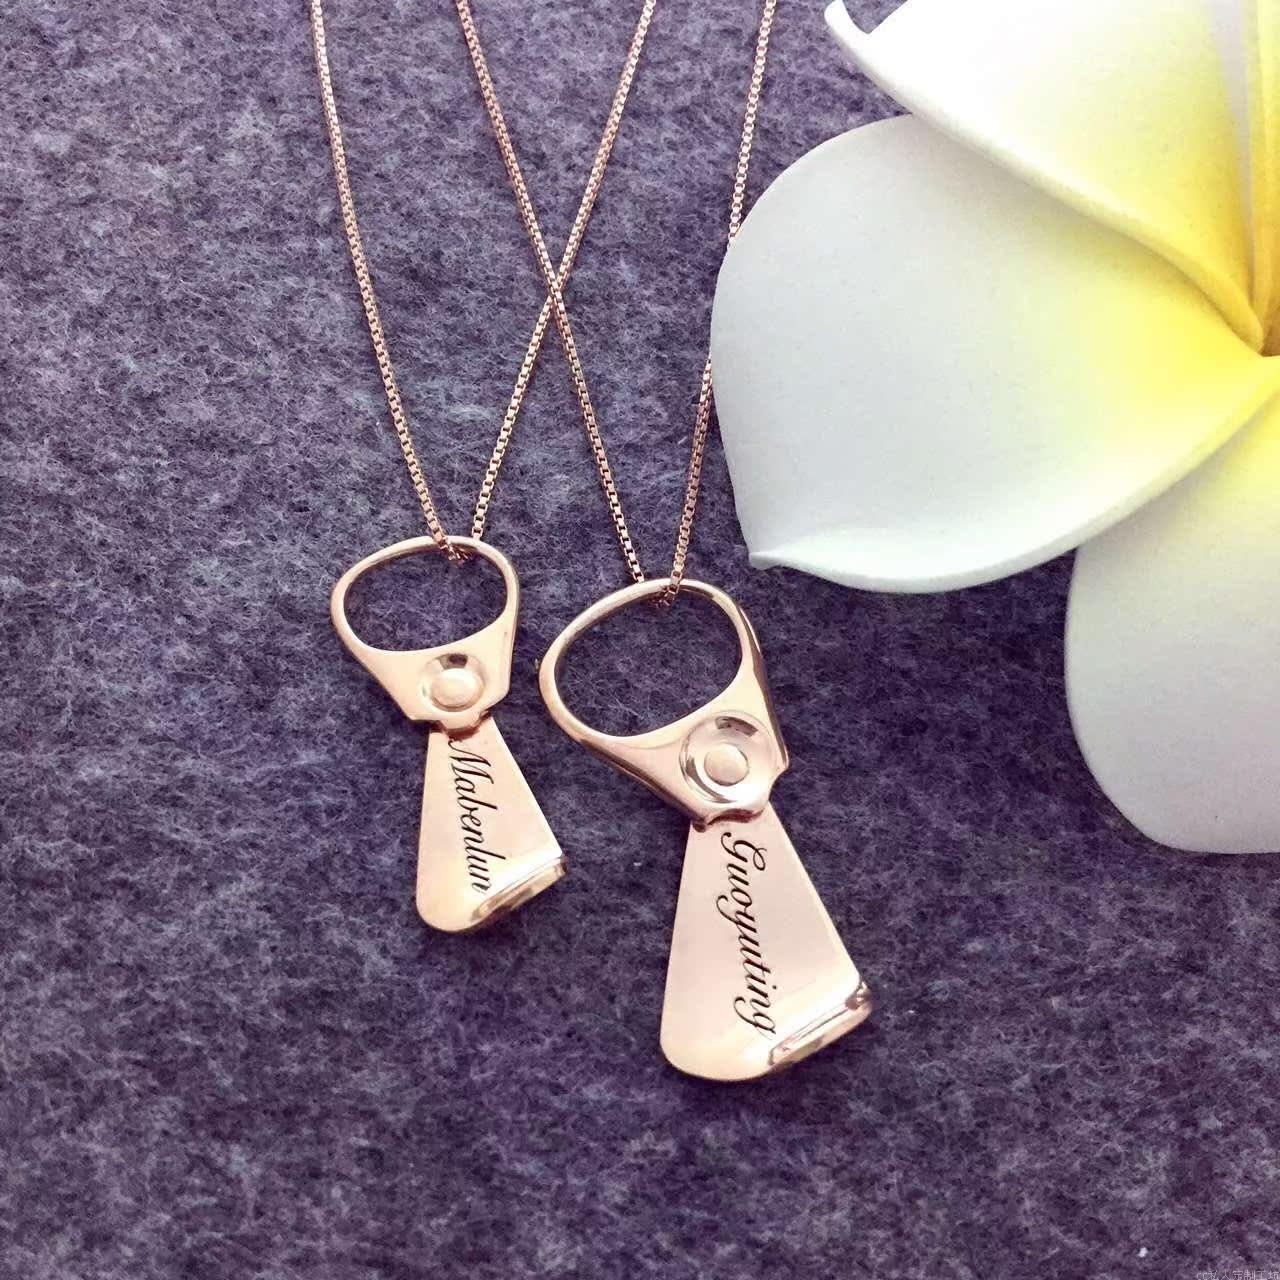 kremplack ogrlico lahko zasebni prirejen za moške in ženske, japonska in južna koreja veter modni osebnost napis srebrno nakit.